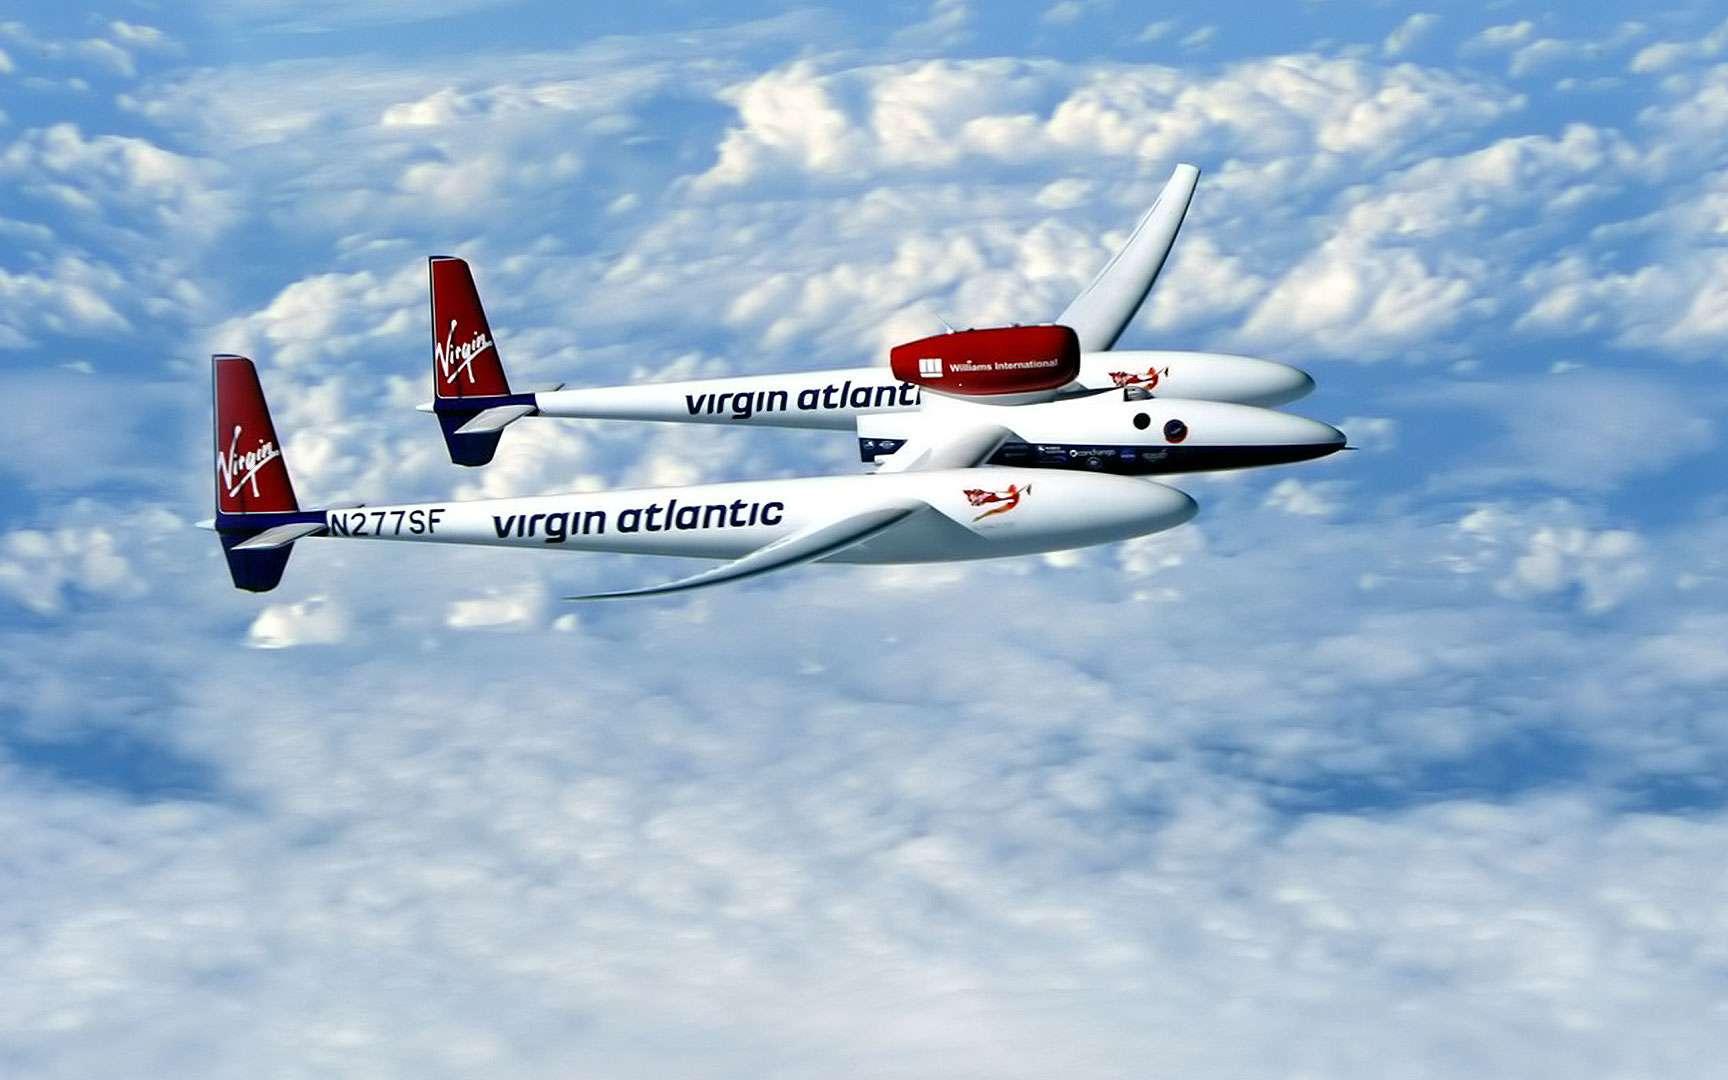 Le GlobalFlyer dans les nuages. Le tour du monde en solitaire de Steve Fossett à bord du GlobalFlyer débuta le 28 février 2005 et se termina le 3 mars de la même année. Le pilote ne fit aucune escale et son vol dura 67 heures 2 minutes et 38 secondes. Un record. © Virgin Atlantic GlobalFlyer